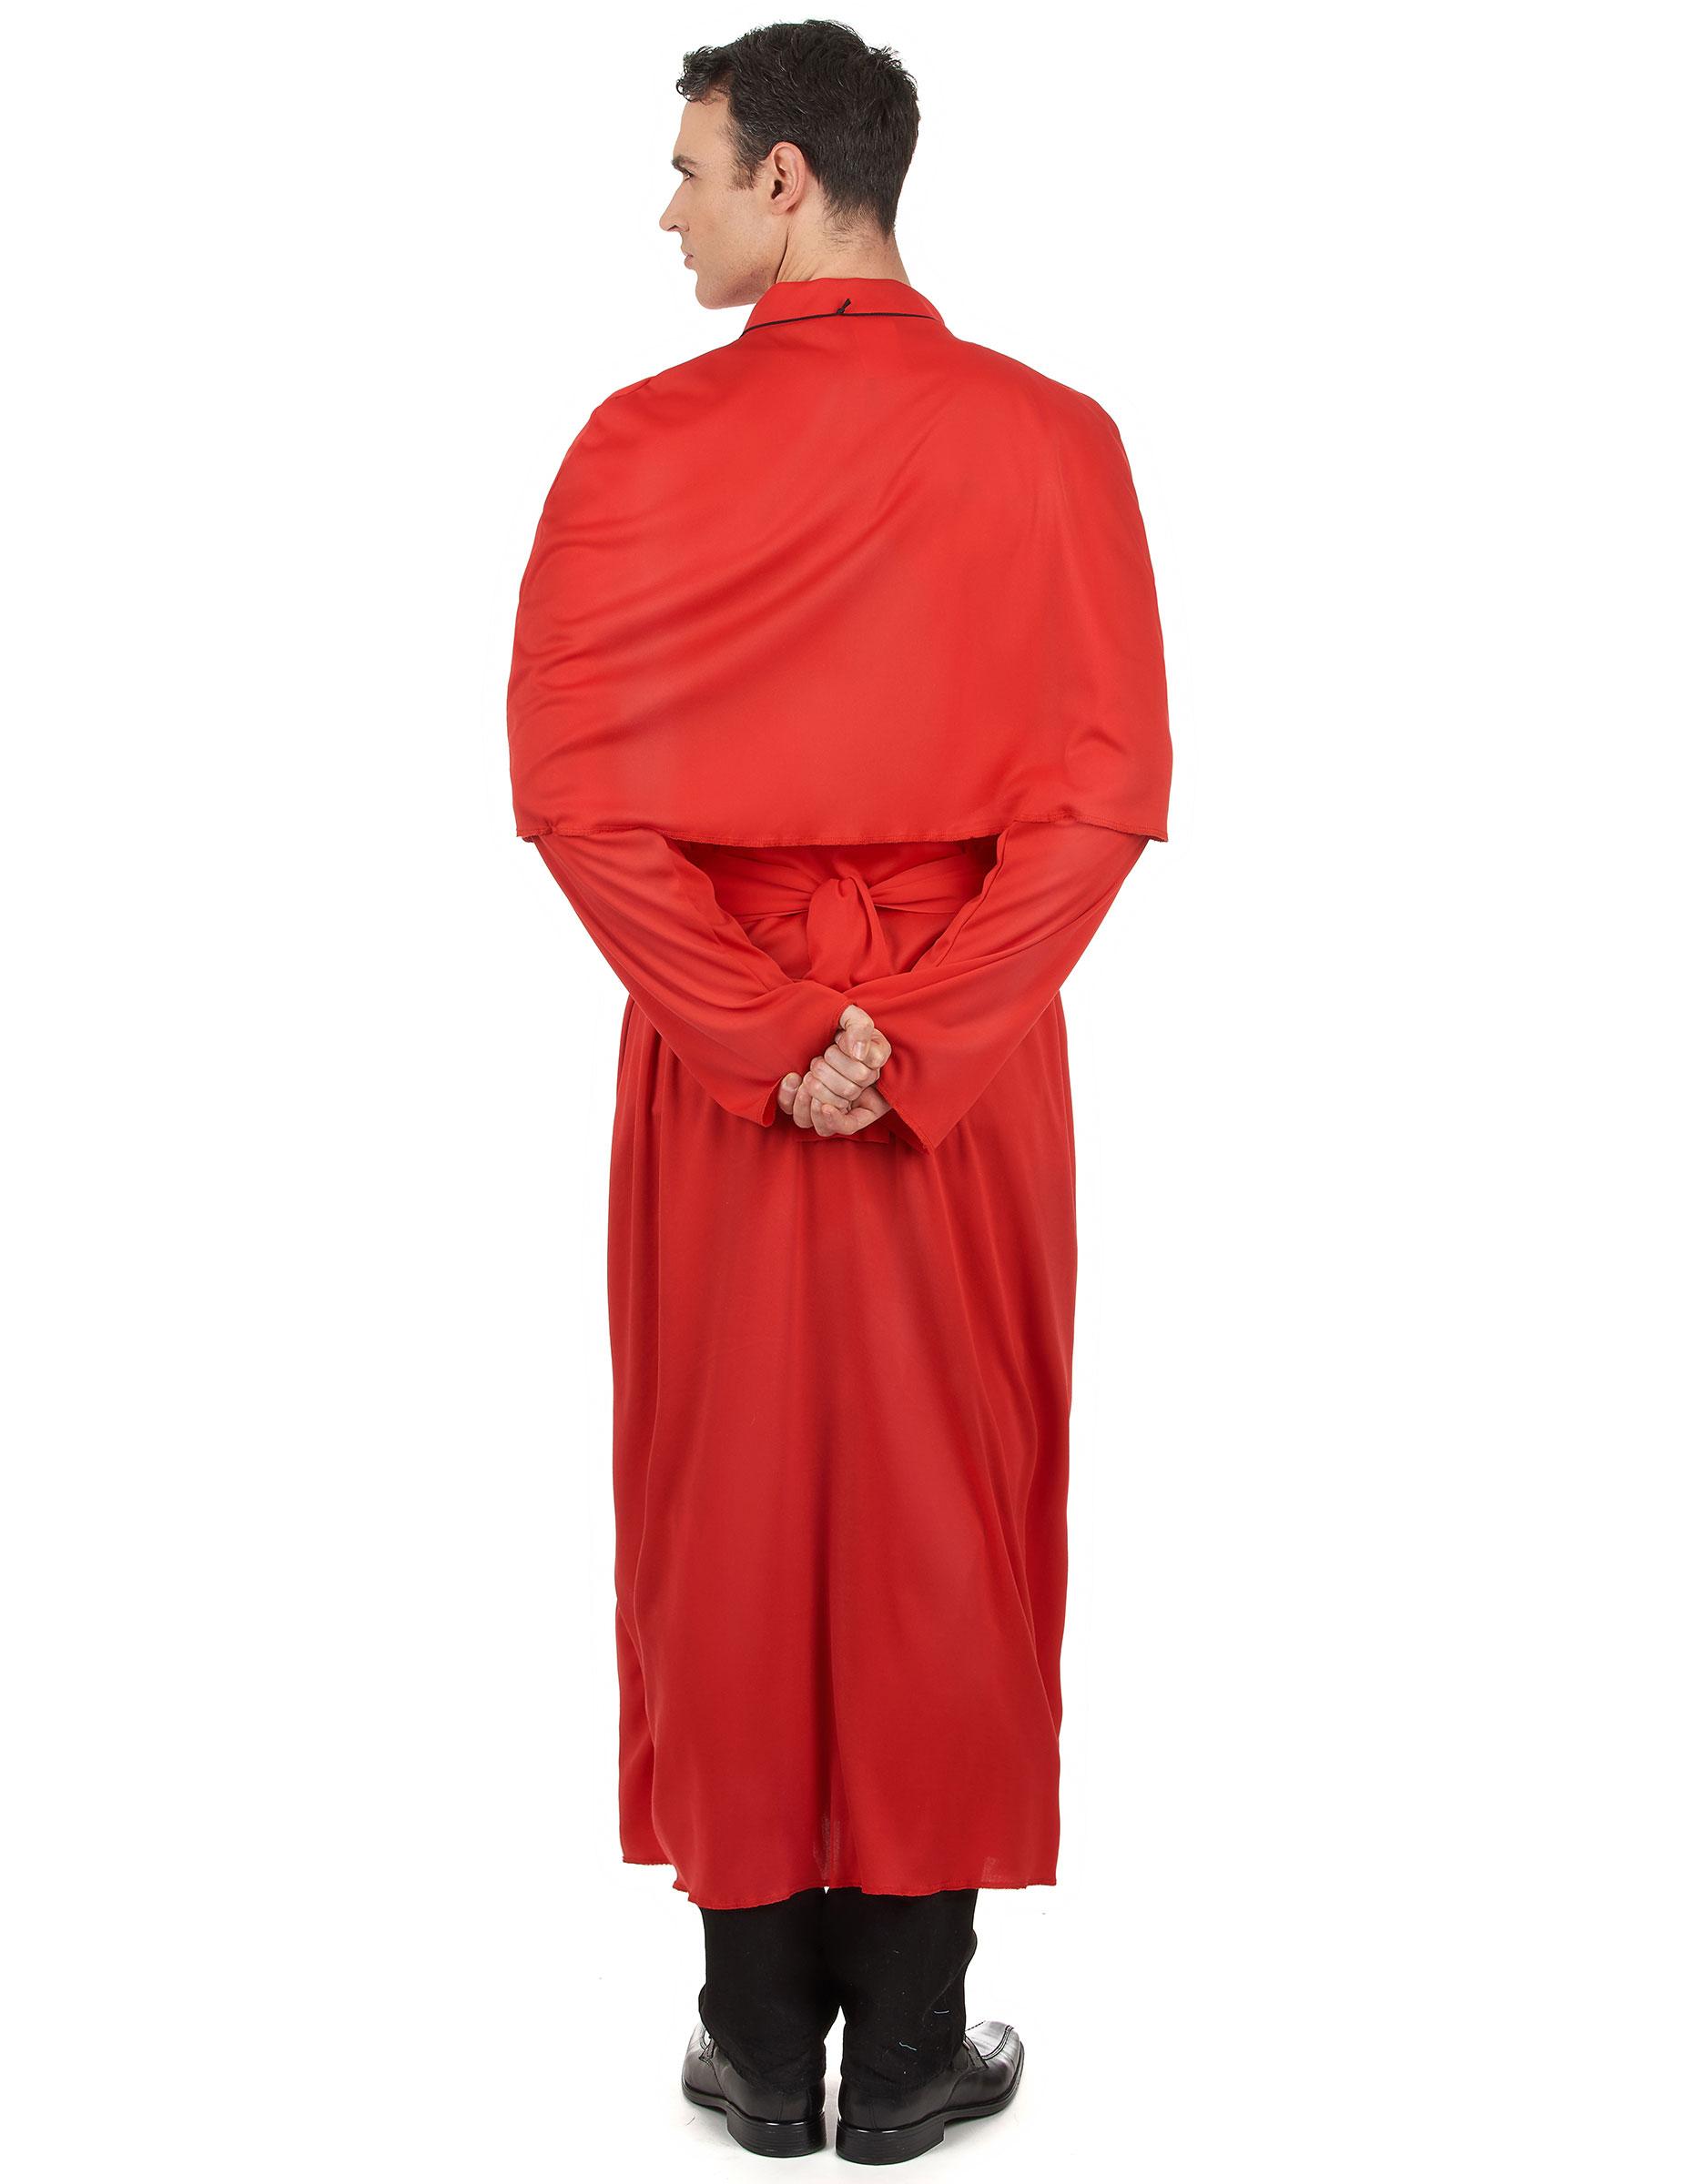 Vestito rosso prete